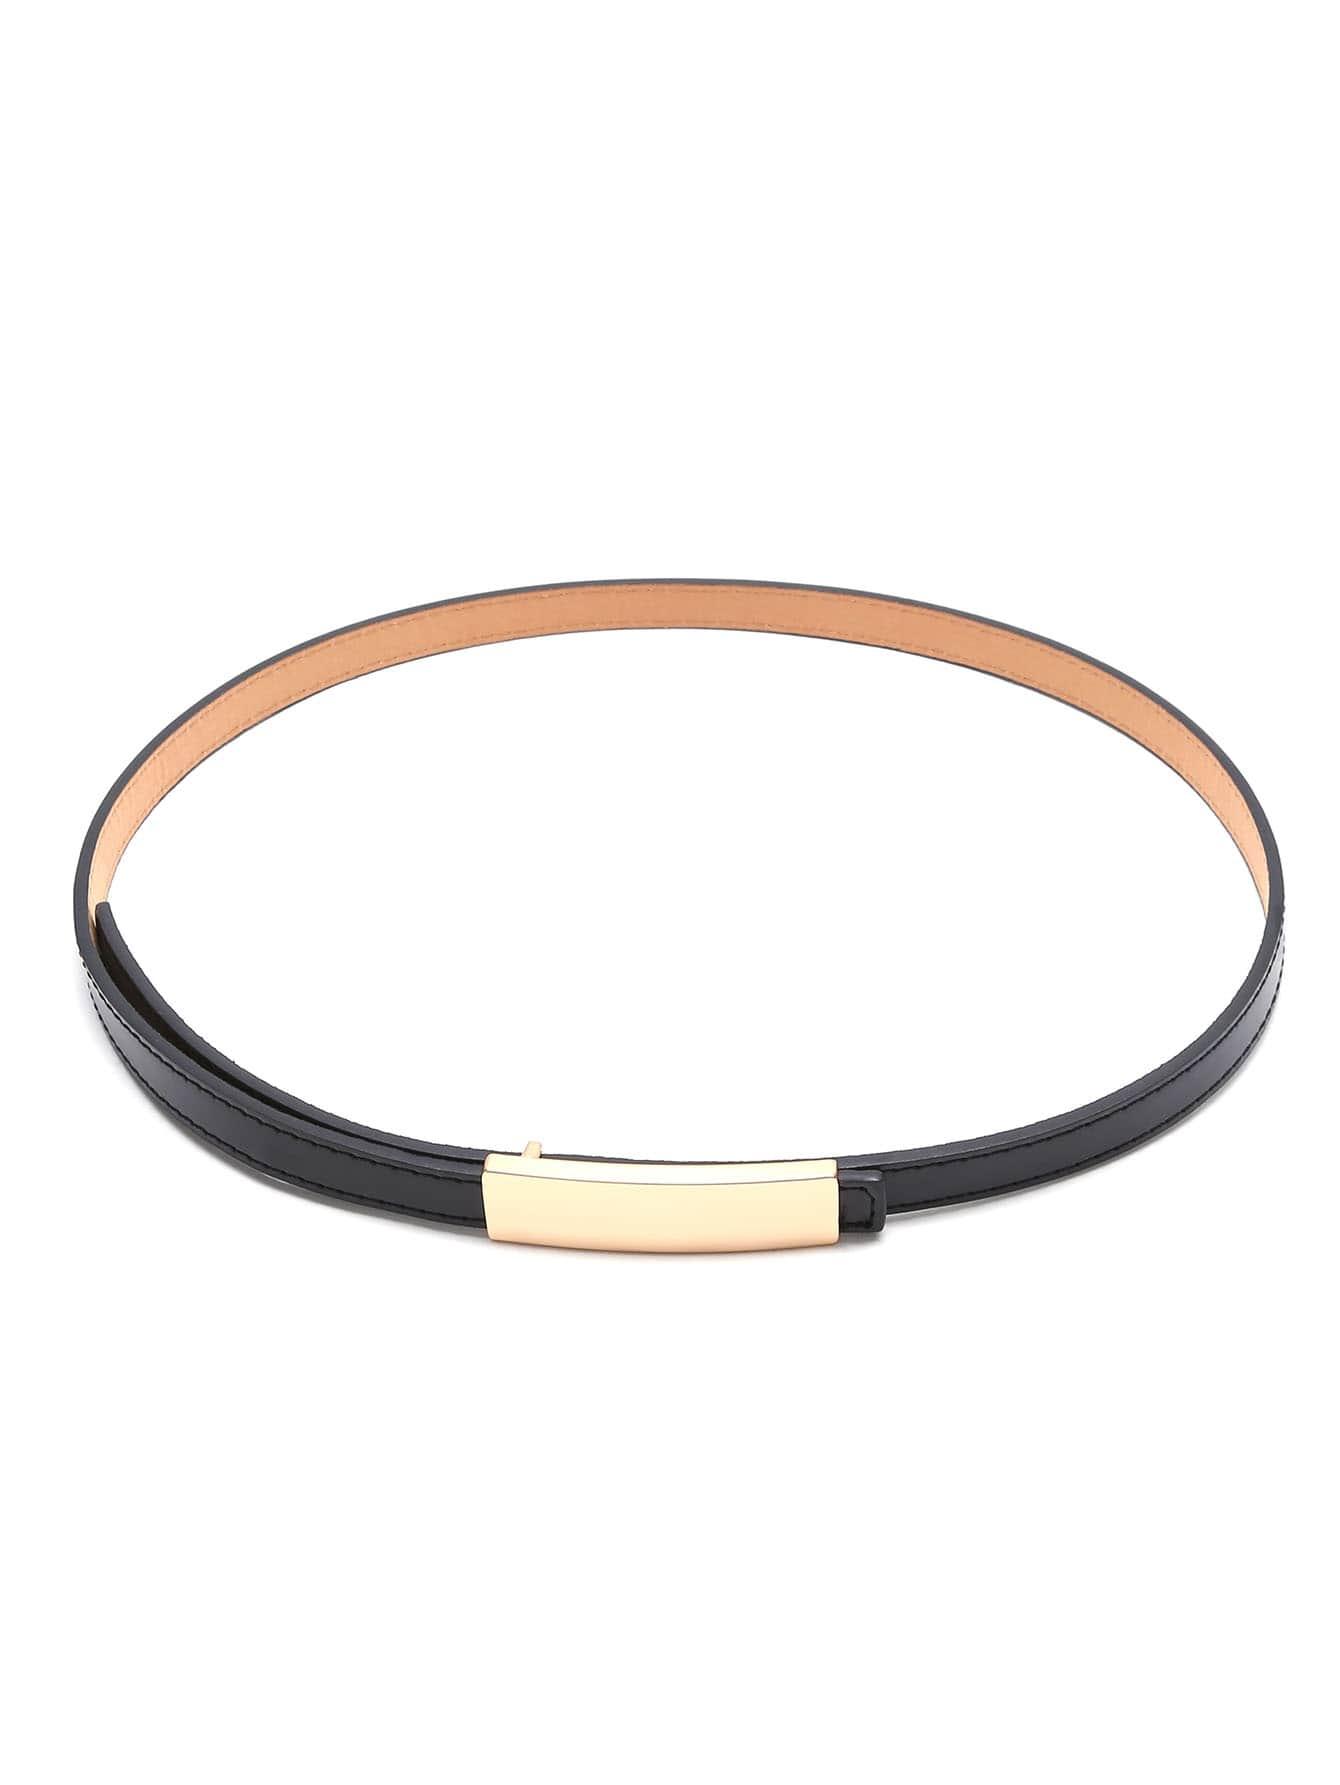 Black Golden Buckle Faux Leather Skinny Belt все цены